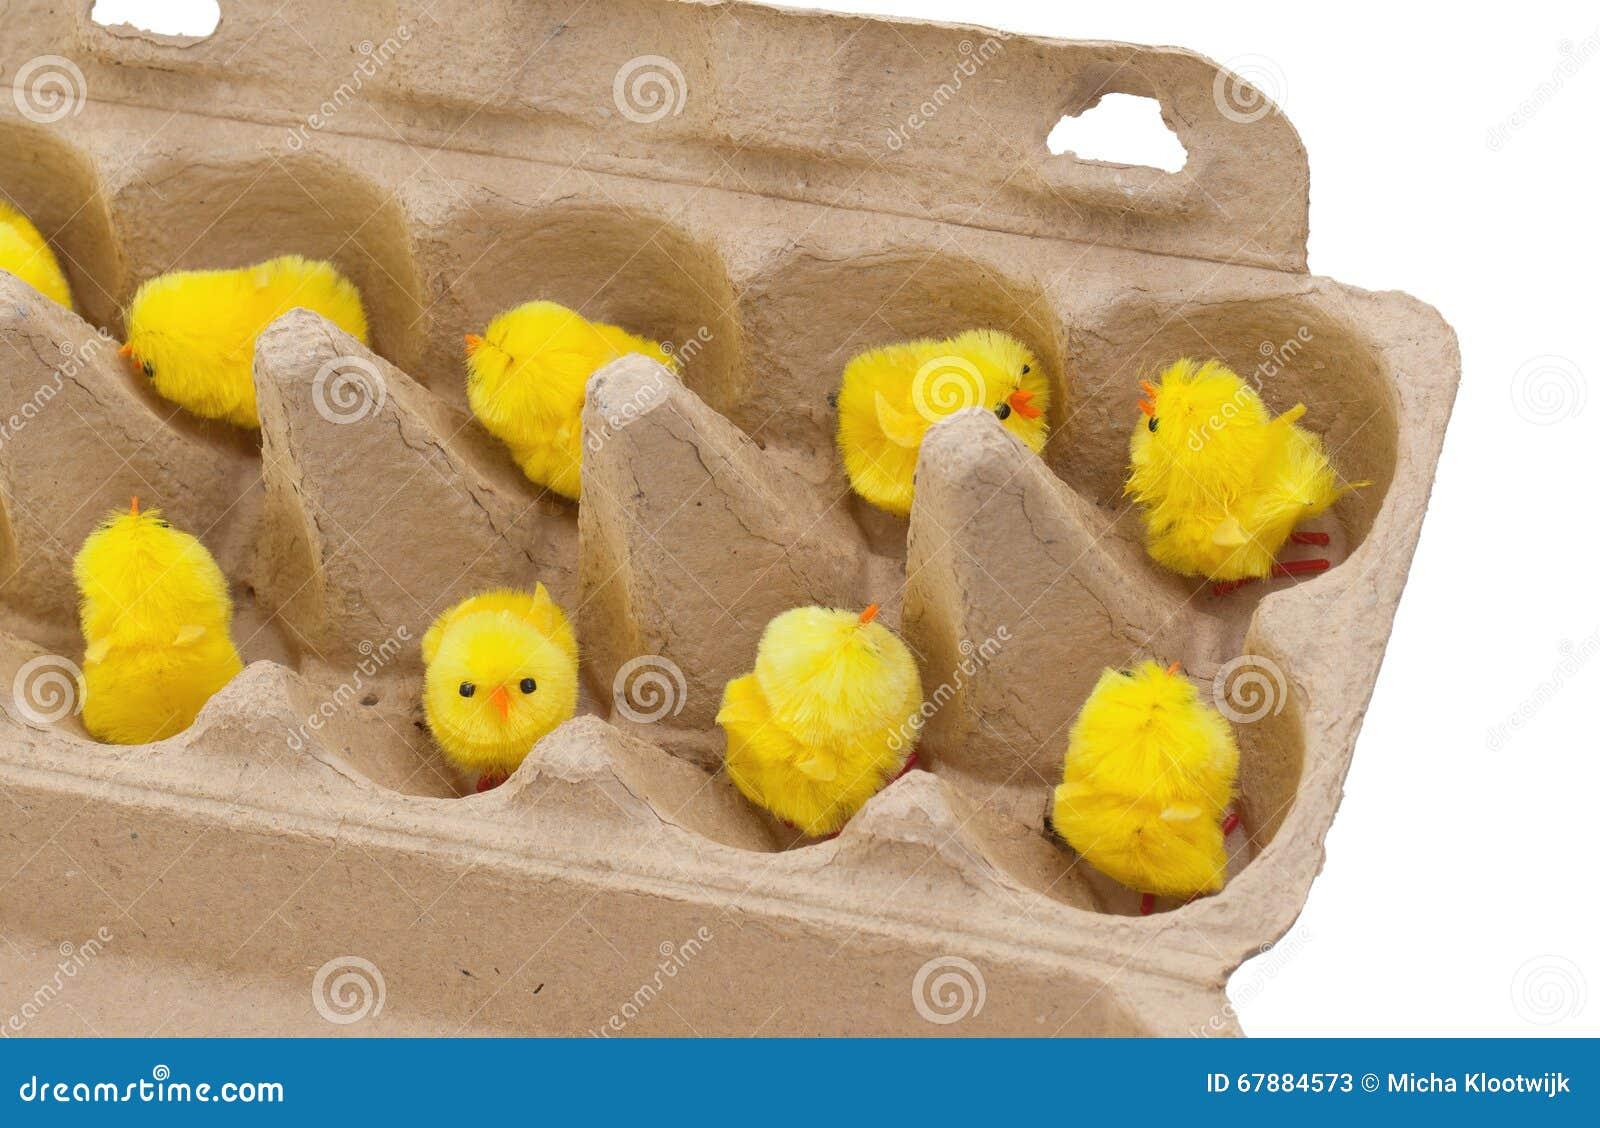 Easter chicks in an eggbox